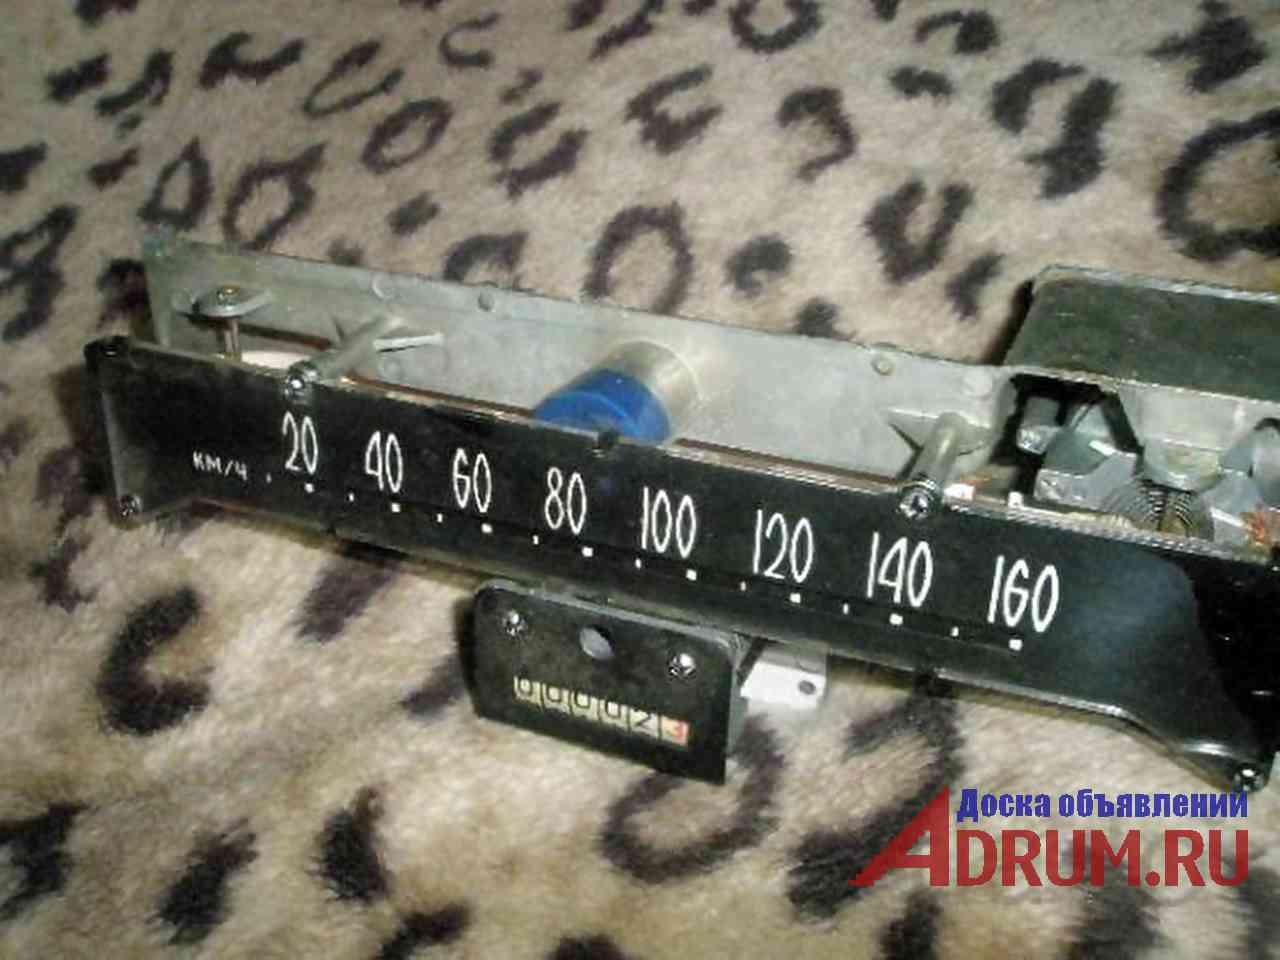 Ленточный спидометр газ 24 ранний на ретро - автомобиль СП - 104 в Москвe